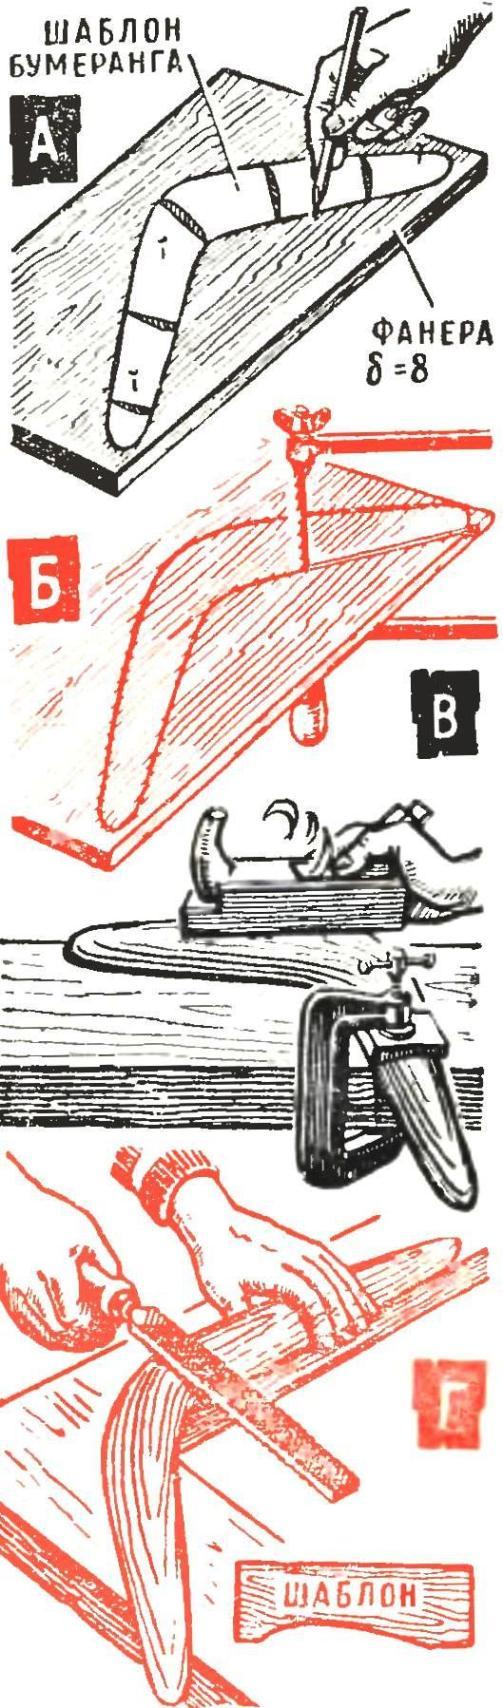 Рис. 4. Изготовление спортивного бумеранга